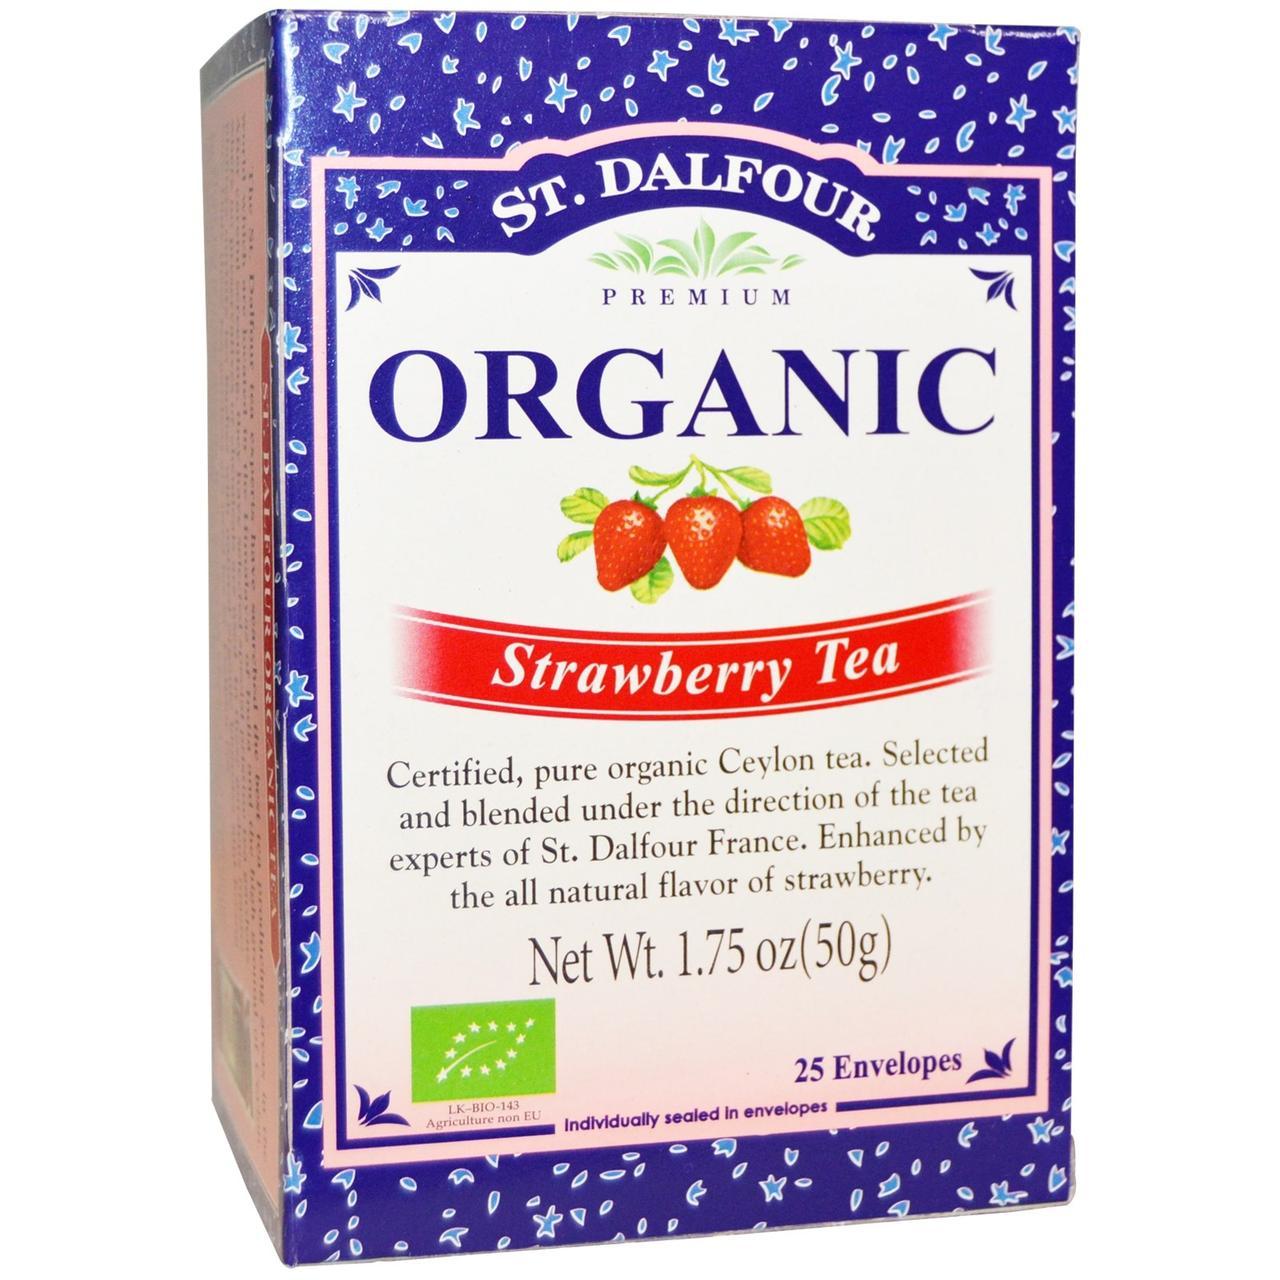 St. Dalfour, Organic, клубничный чай 25 чайных пакетиков, 1.75 унции (50 г)